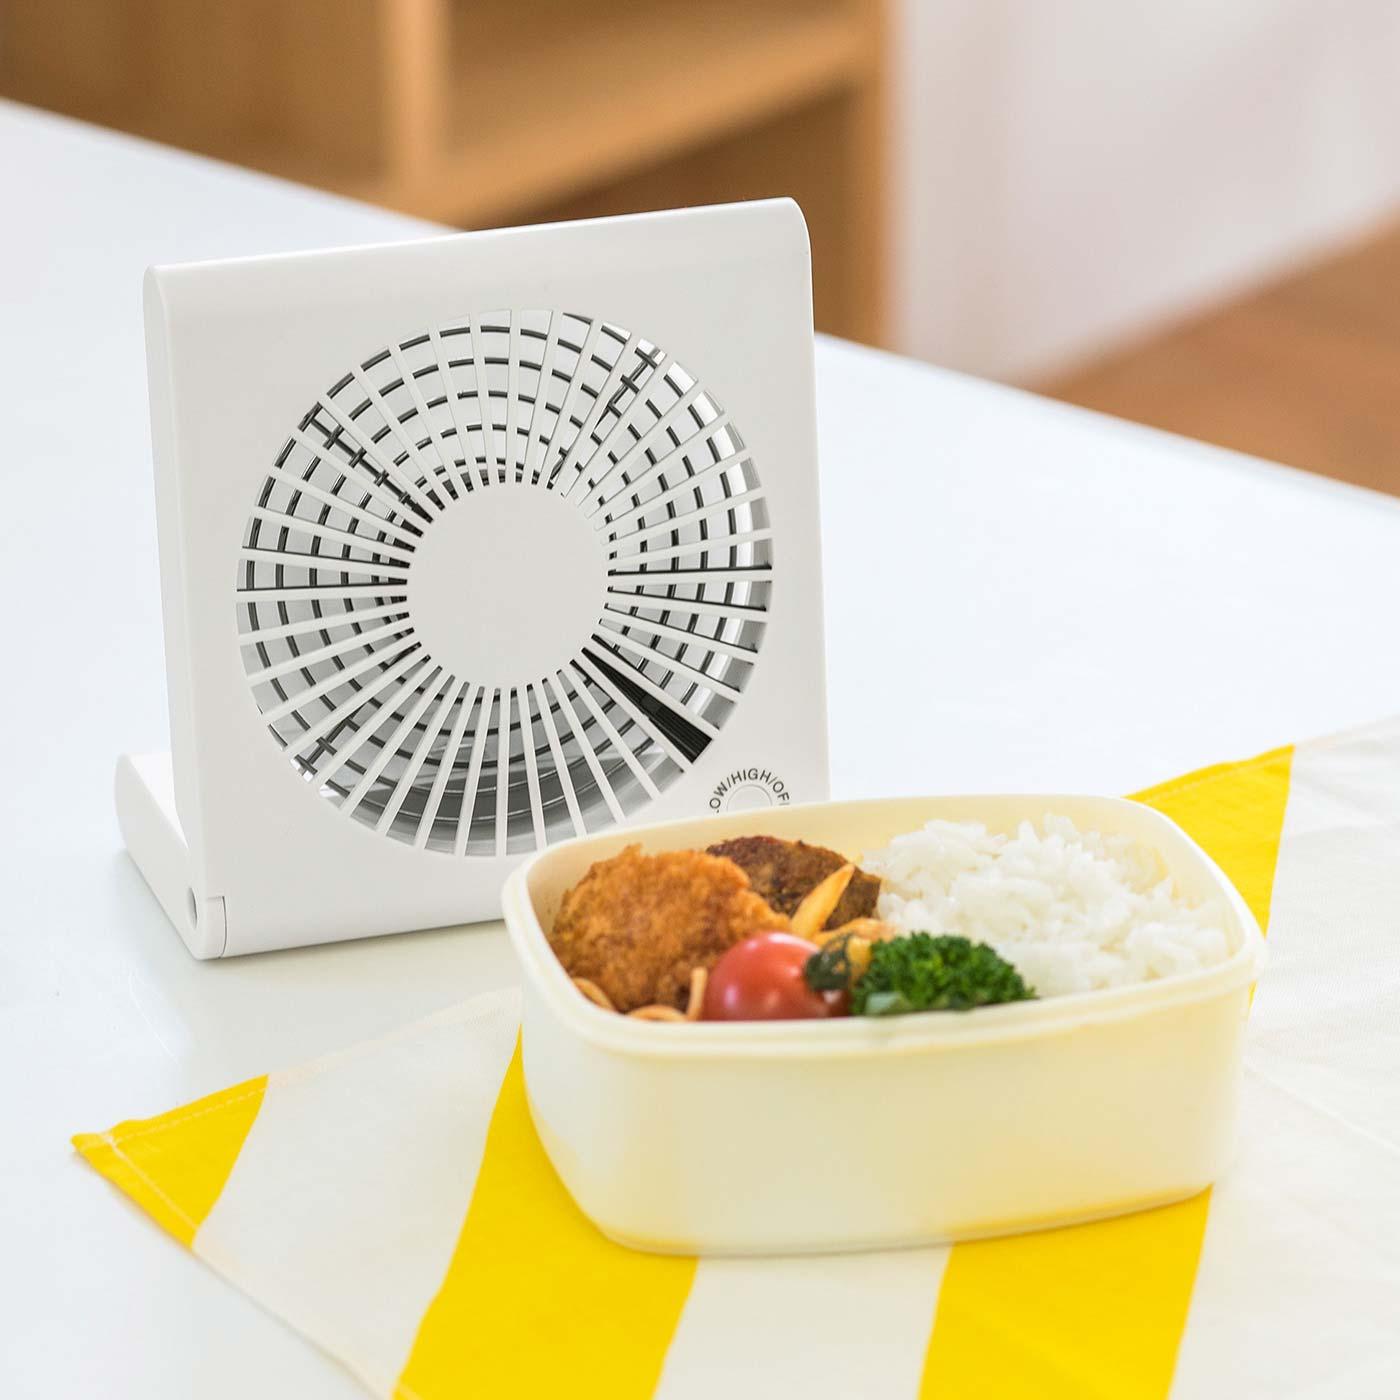 忙しい朝、お弁当を急いで冷ましたいときにも便利。〈お届けのカラーとは異なります〉